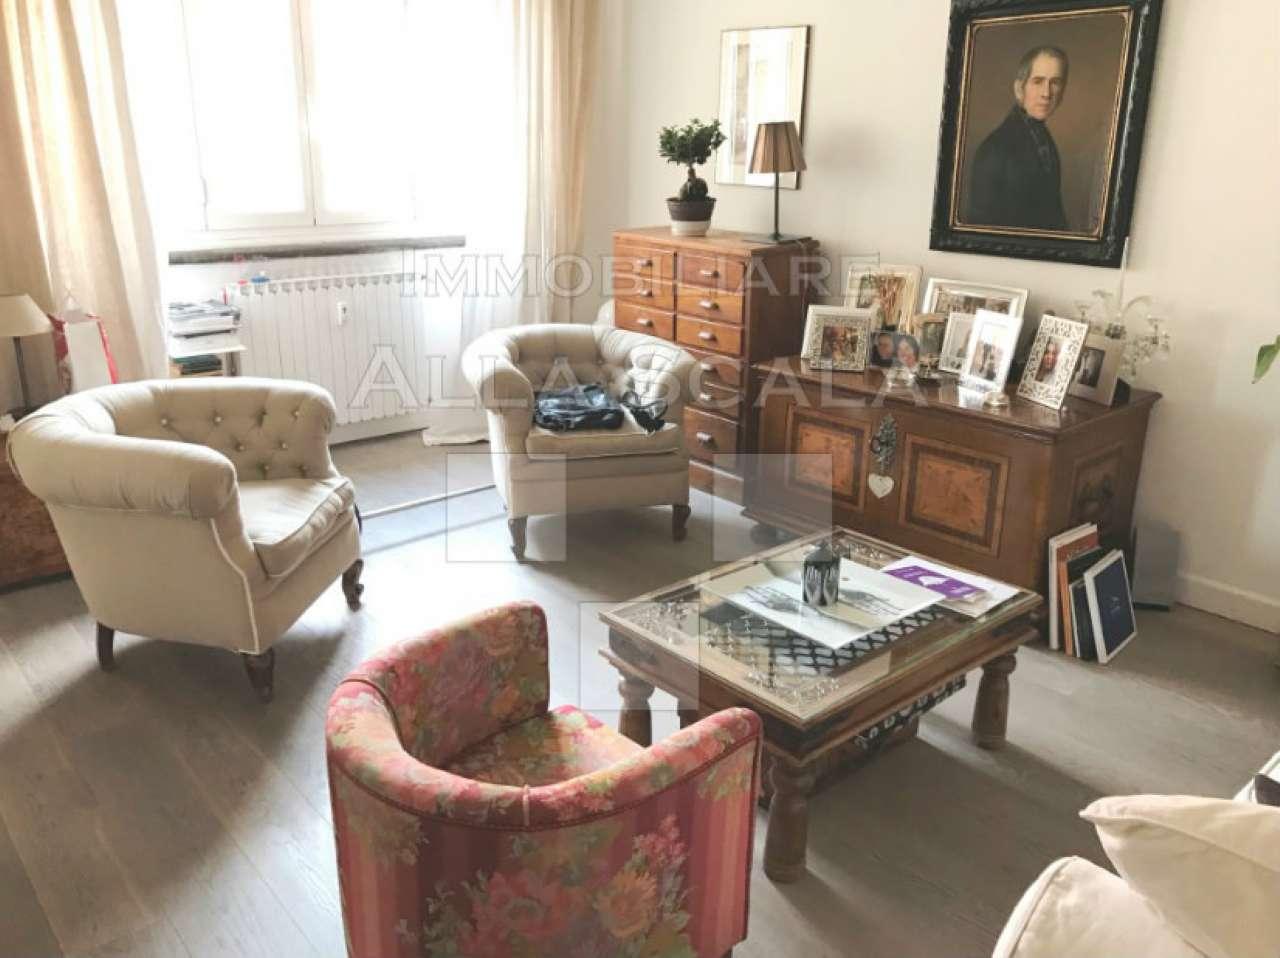 Attico / Mansarda in affitto a Milano, 2 locali, zona Zona: 1 . Centro Storico, Duomo, Brera, Cadorna, Cattolica, prezzo € 1.600 | Cambio Casa.it